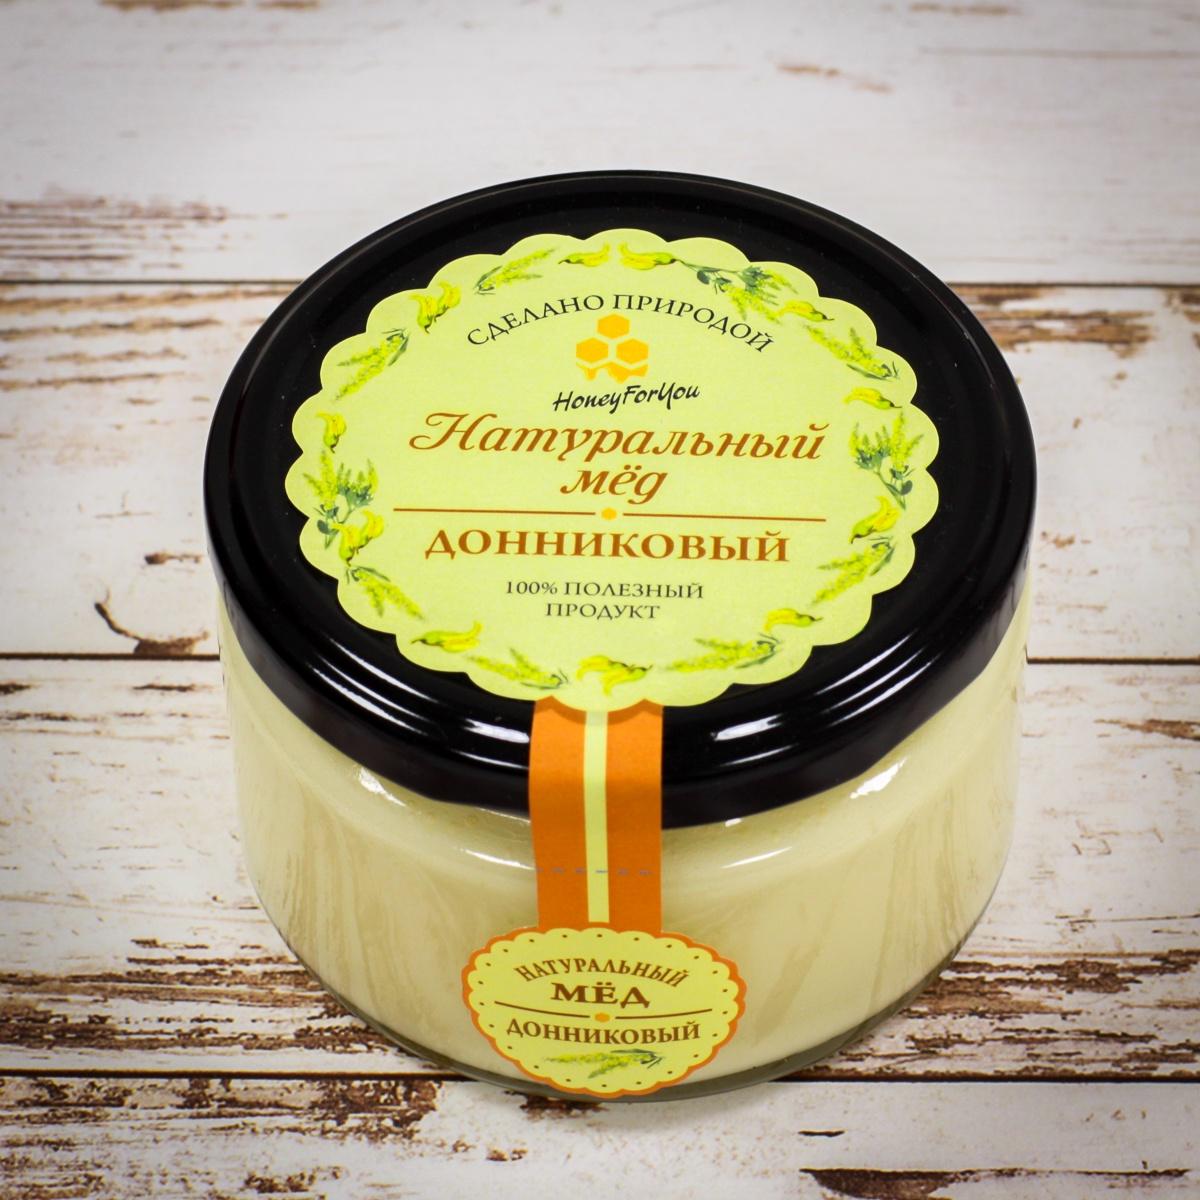 Натуральный донниковый мед HoneyForYou